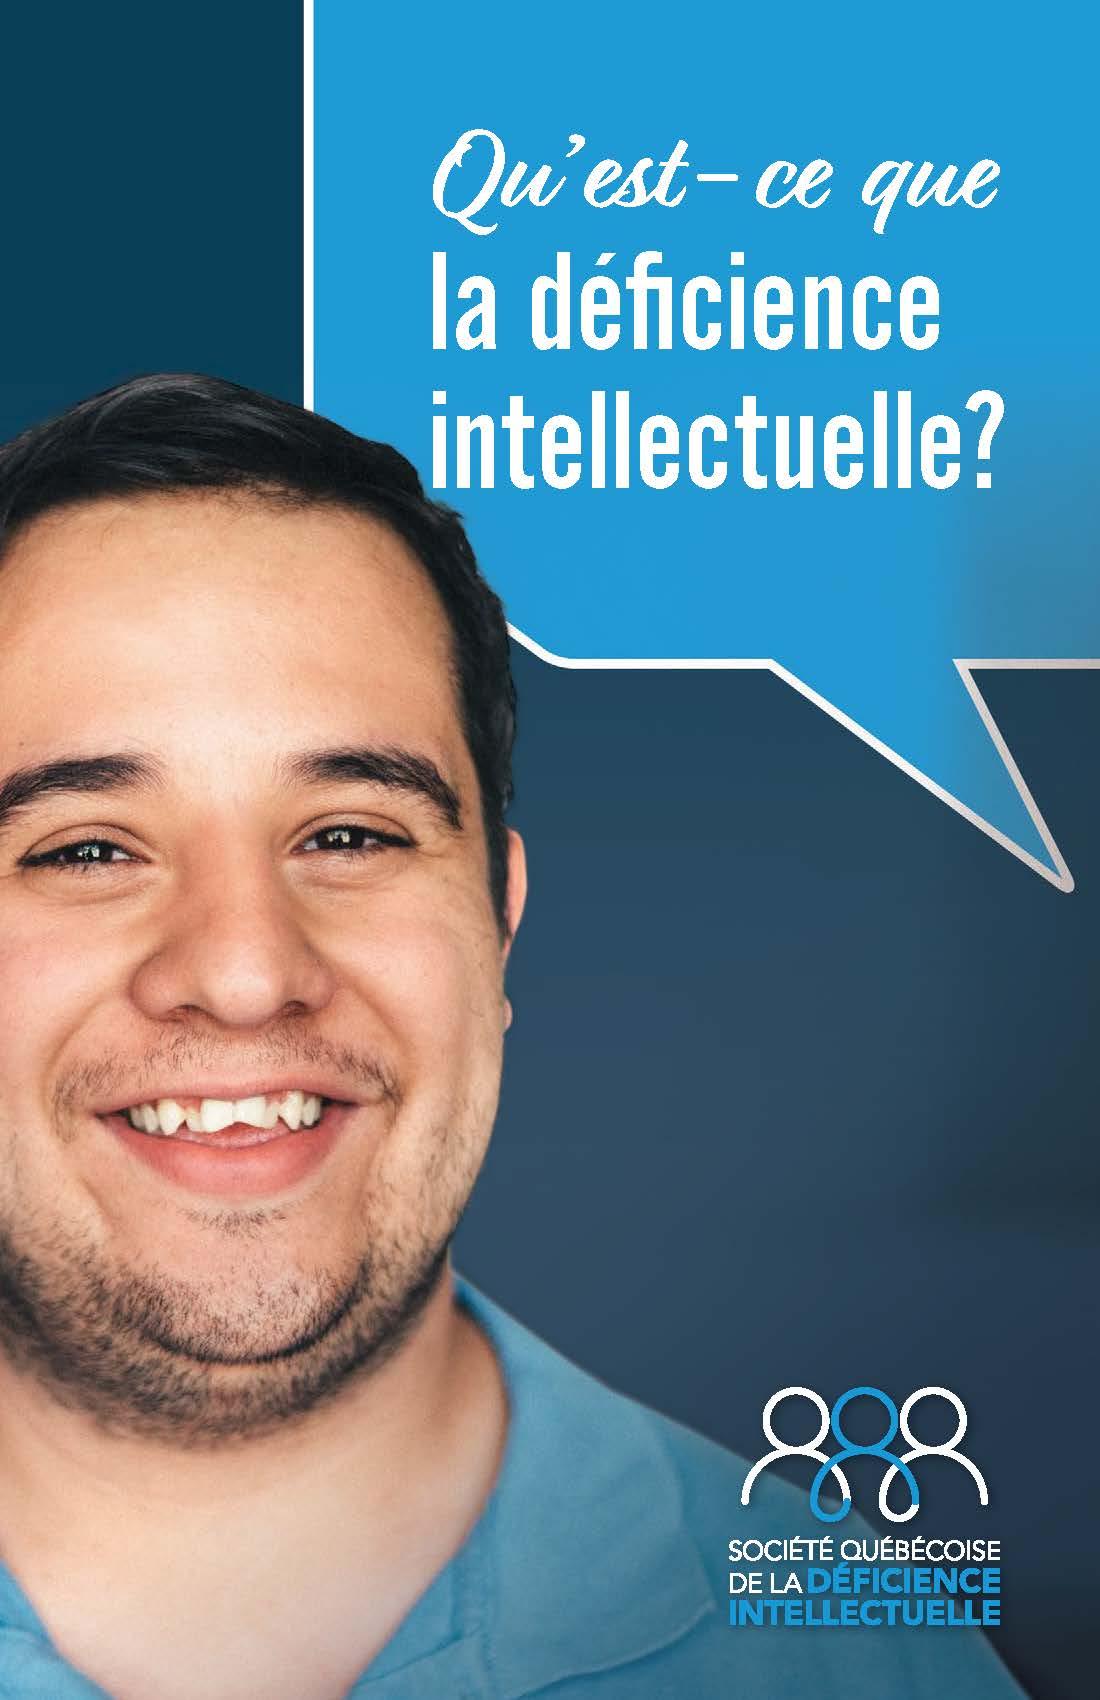 Brochure qu'est-ce que la déficience intellectuelle